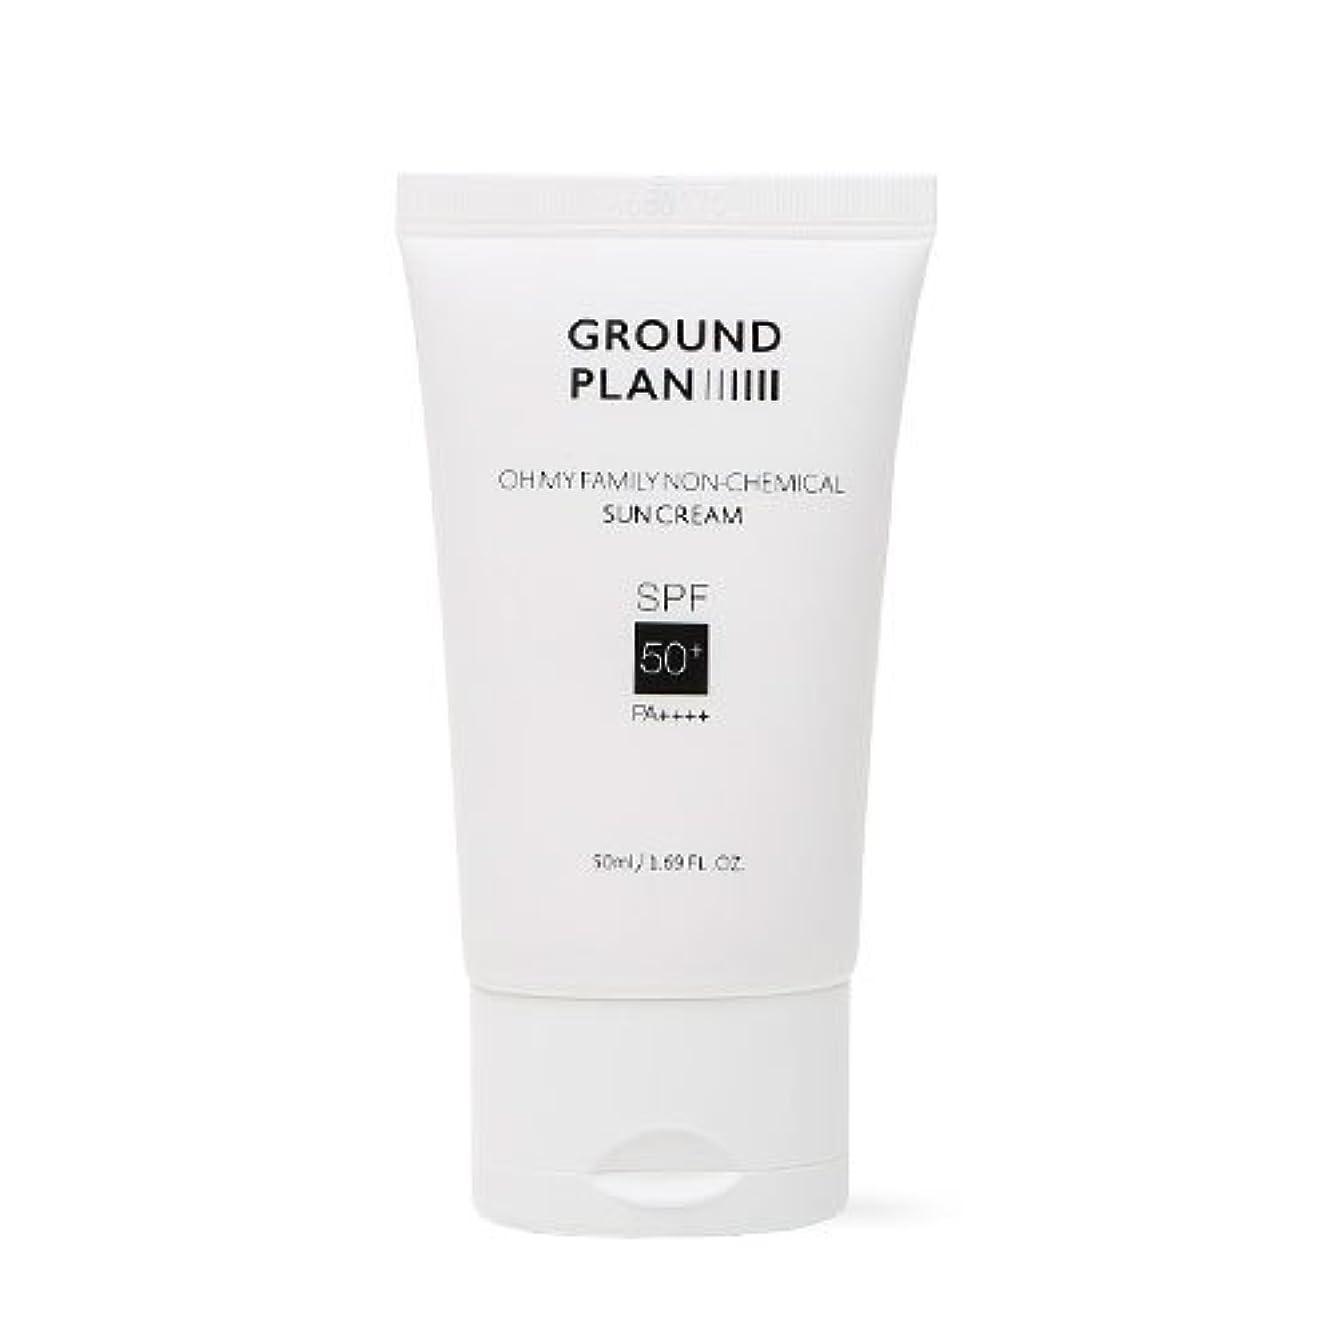 天才華氏セラー[GROUND PLAN] Oh My Family Non-Chemical Sun Cream 50ml グラウンドプランファミリーノンケミカルサンクリーム [並行輸入品]